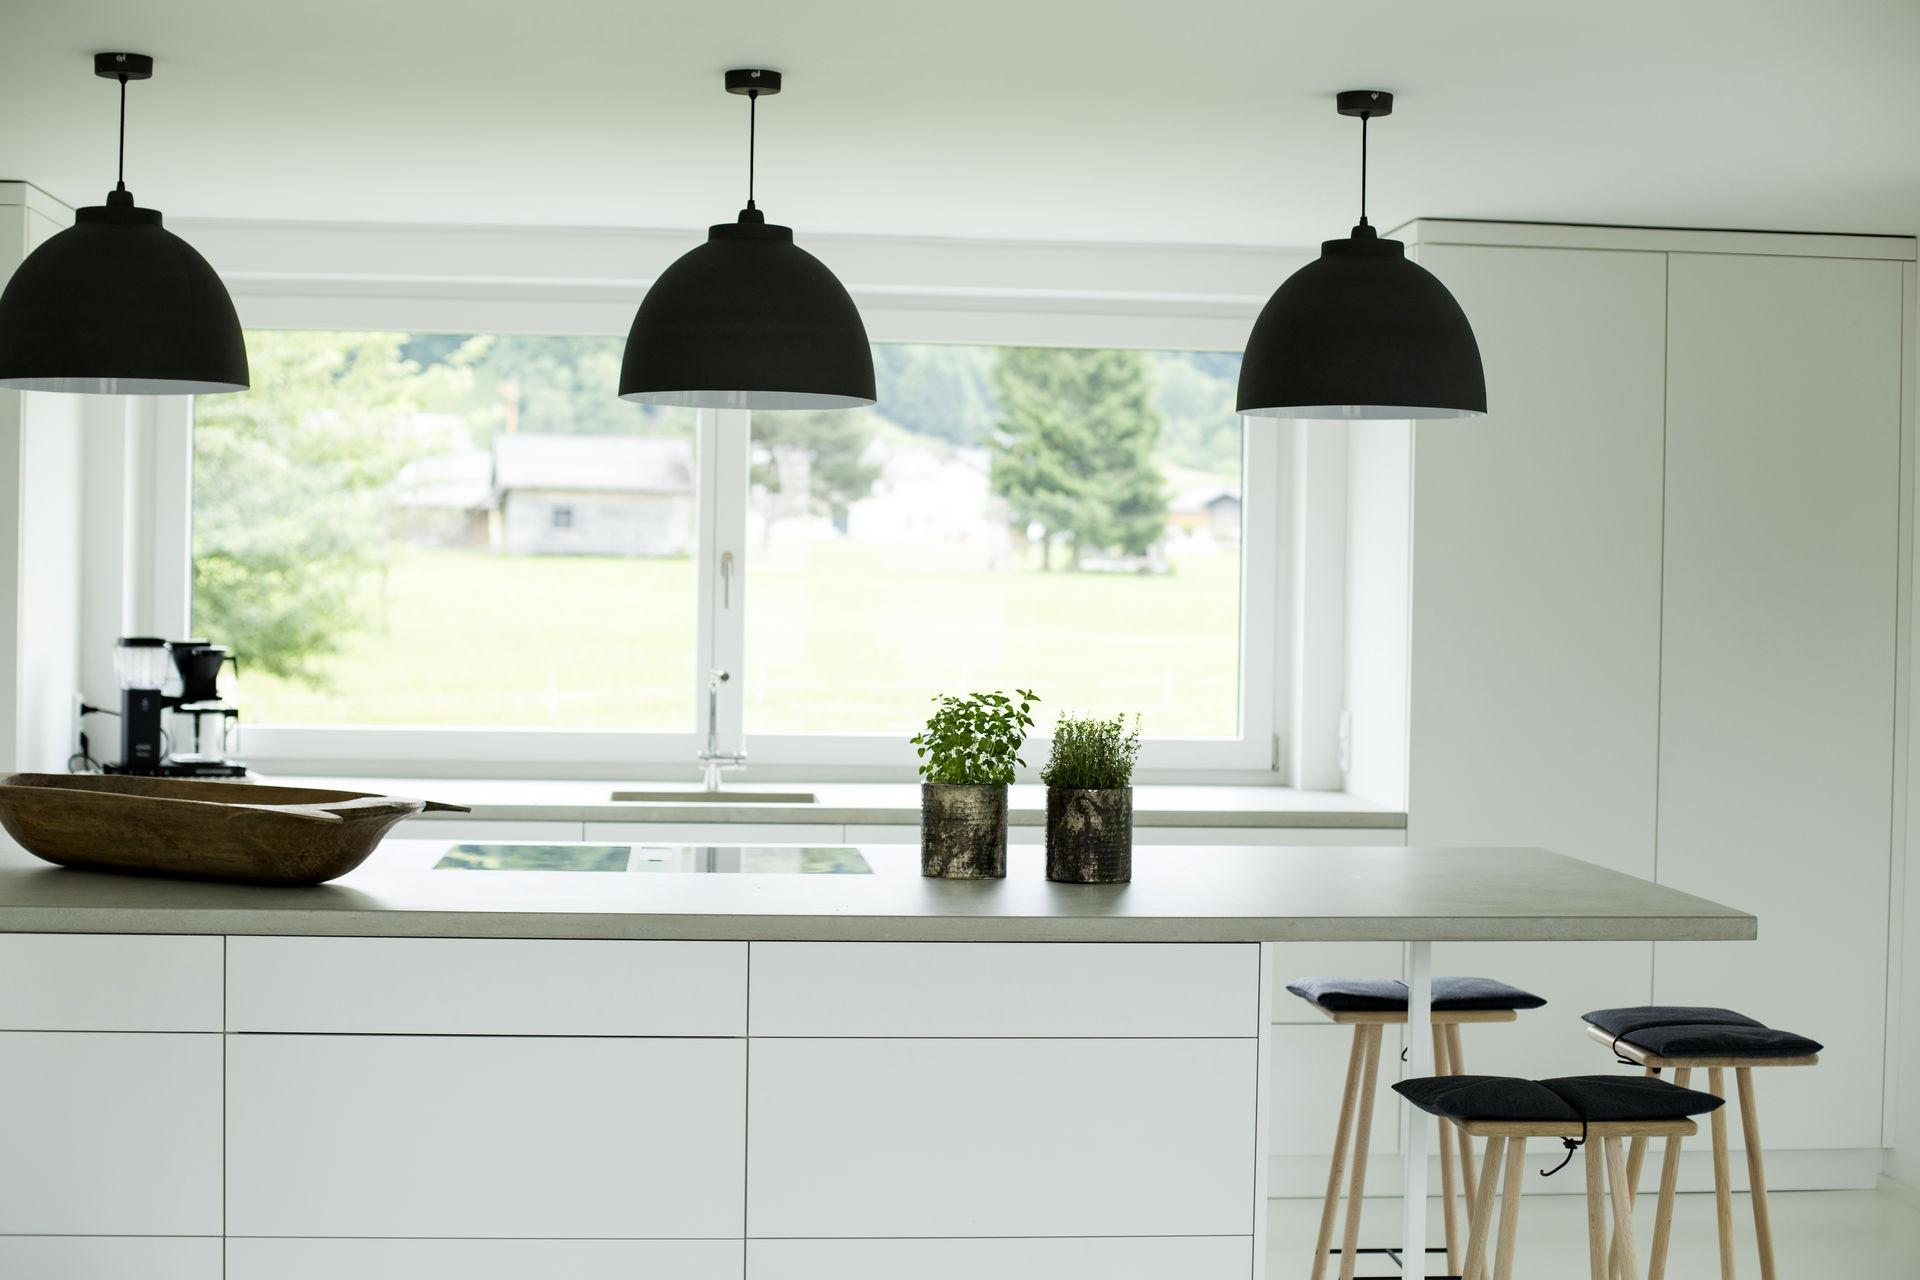 Großartig Küche Spur Beleuchtungskits Bilder - Ideen Für Die Küche ...